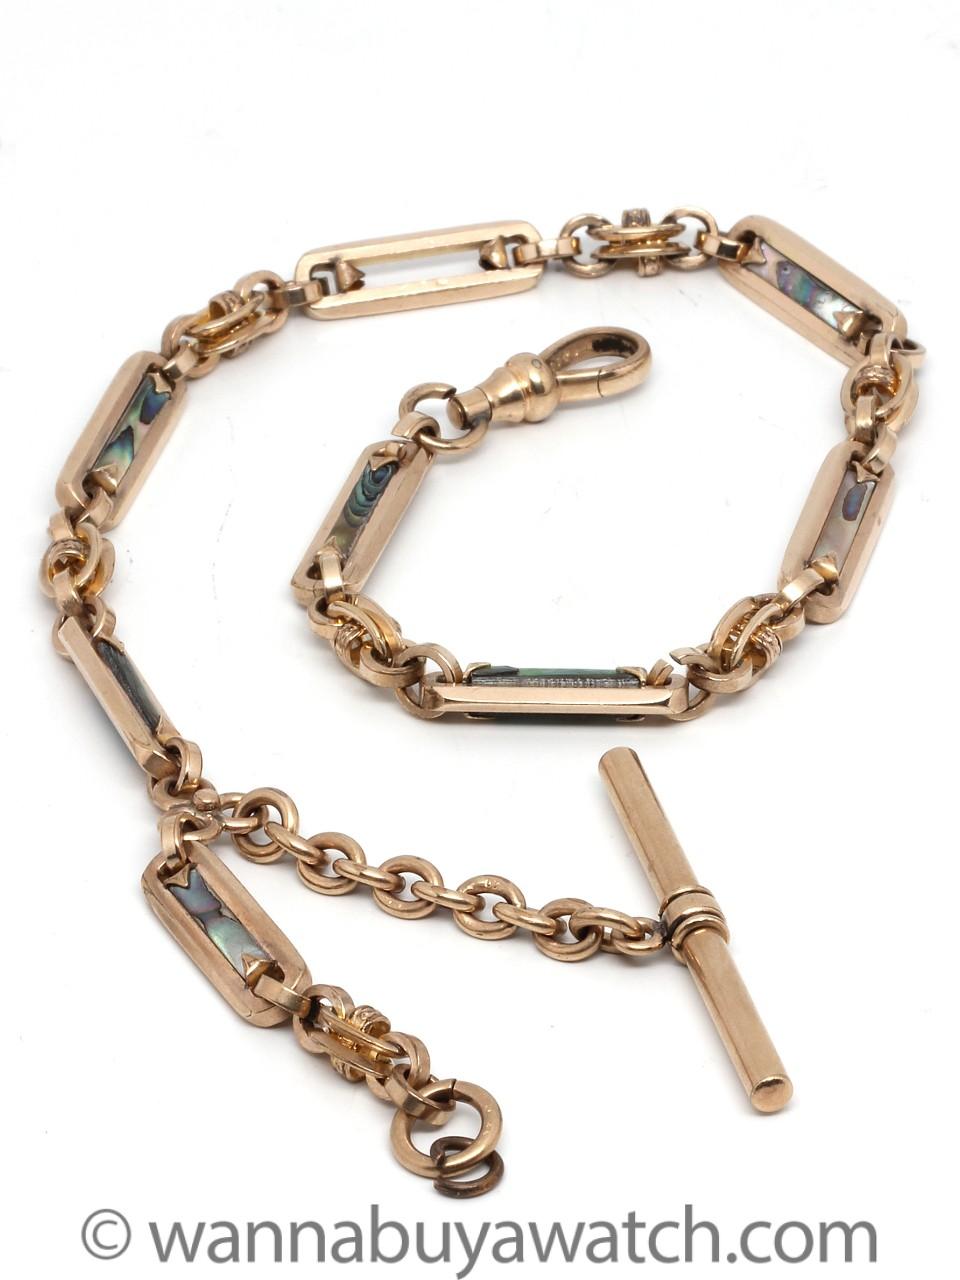 Antique Pocketwatch Chain